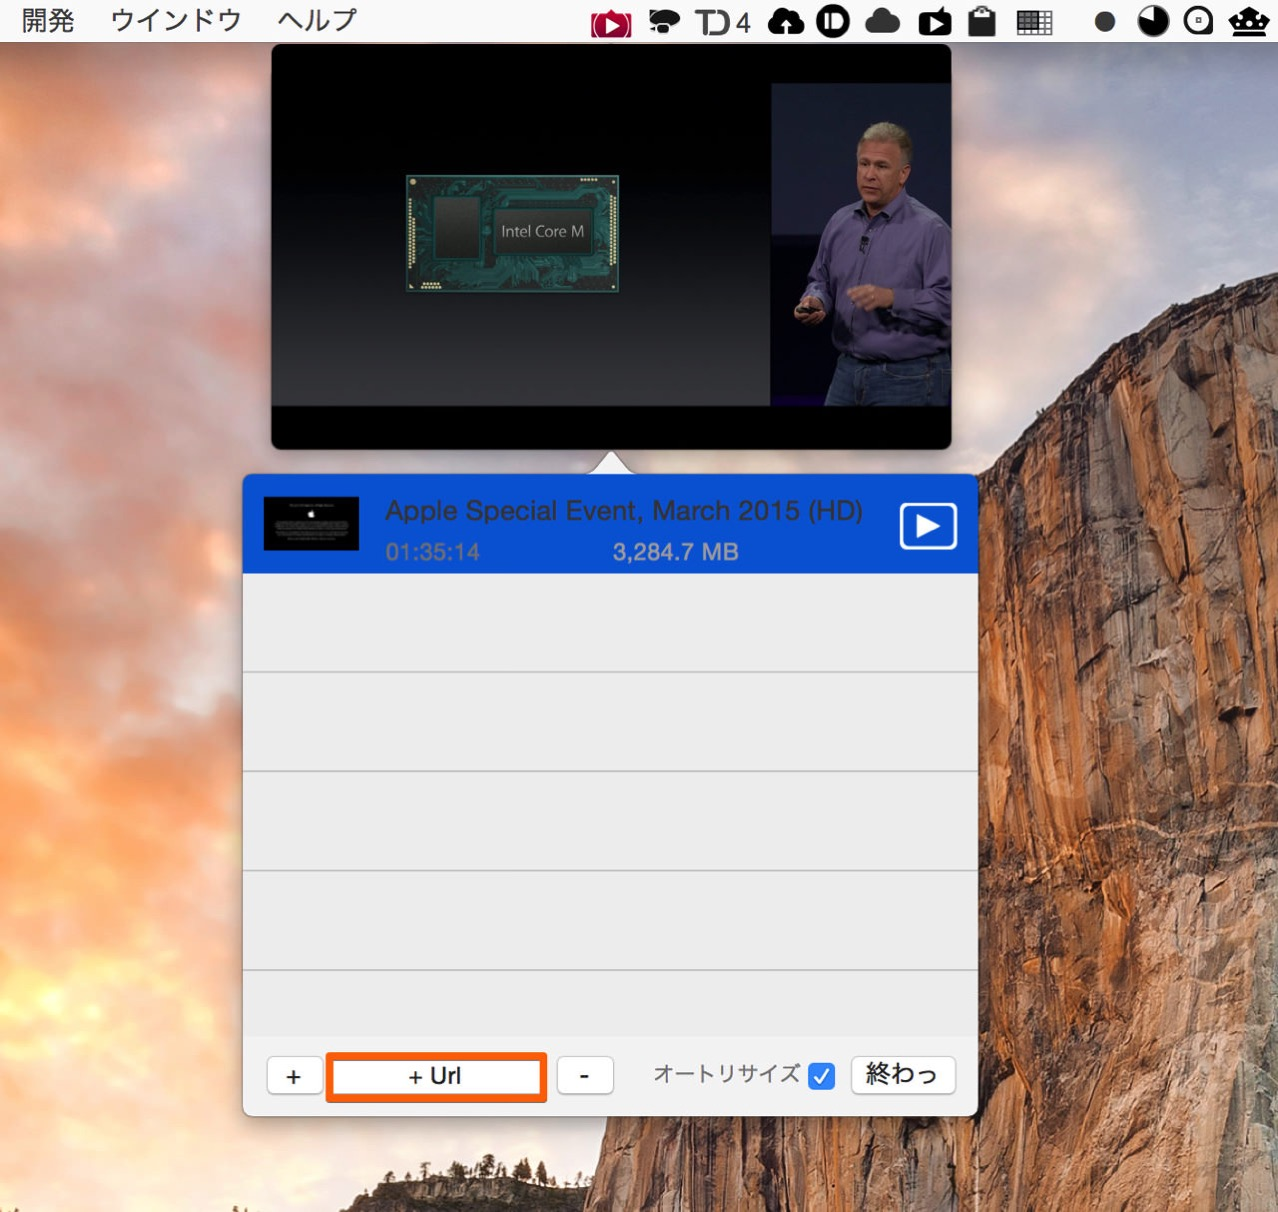 URLを入力して動画を再生することも可能